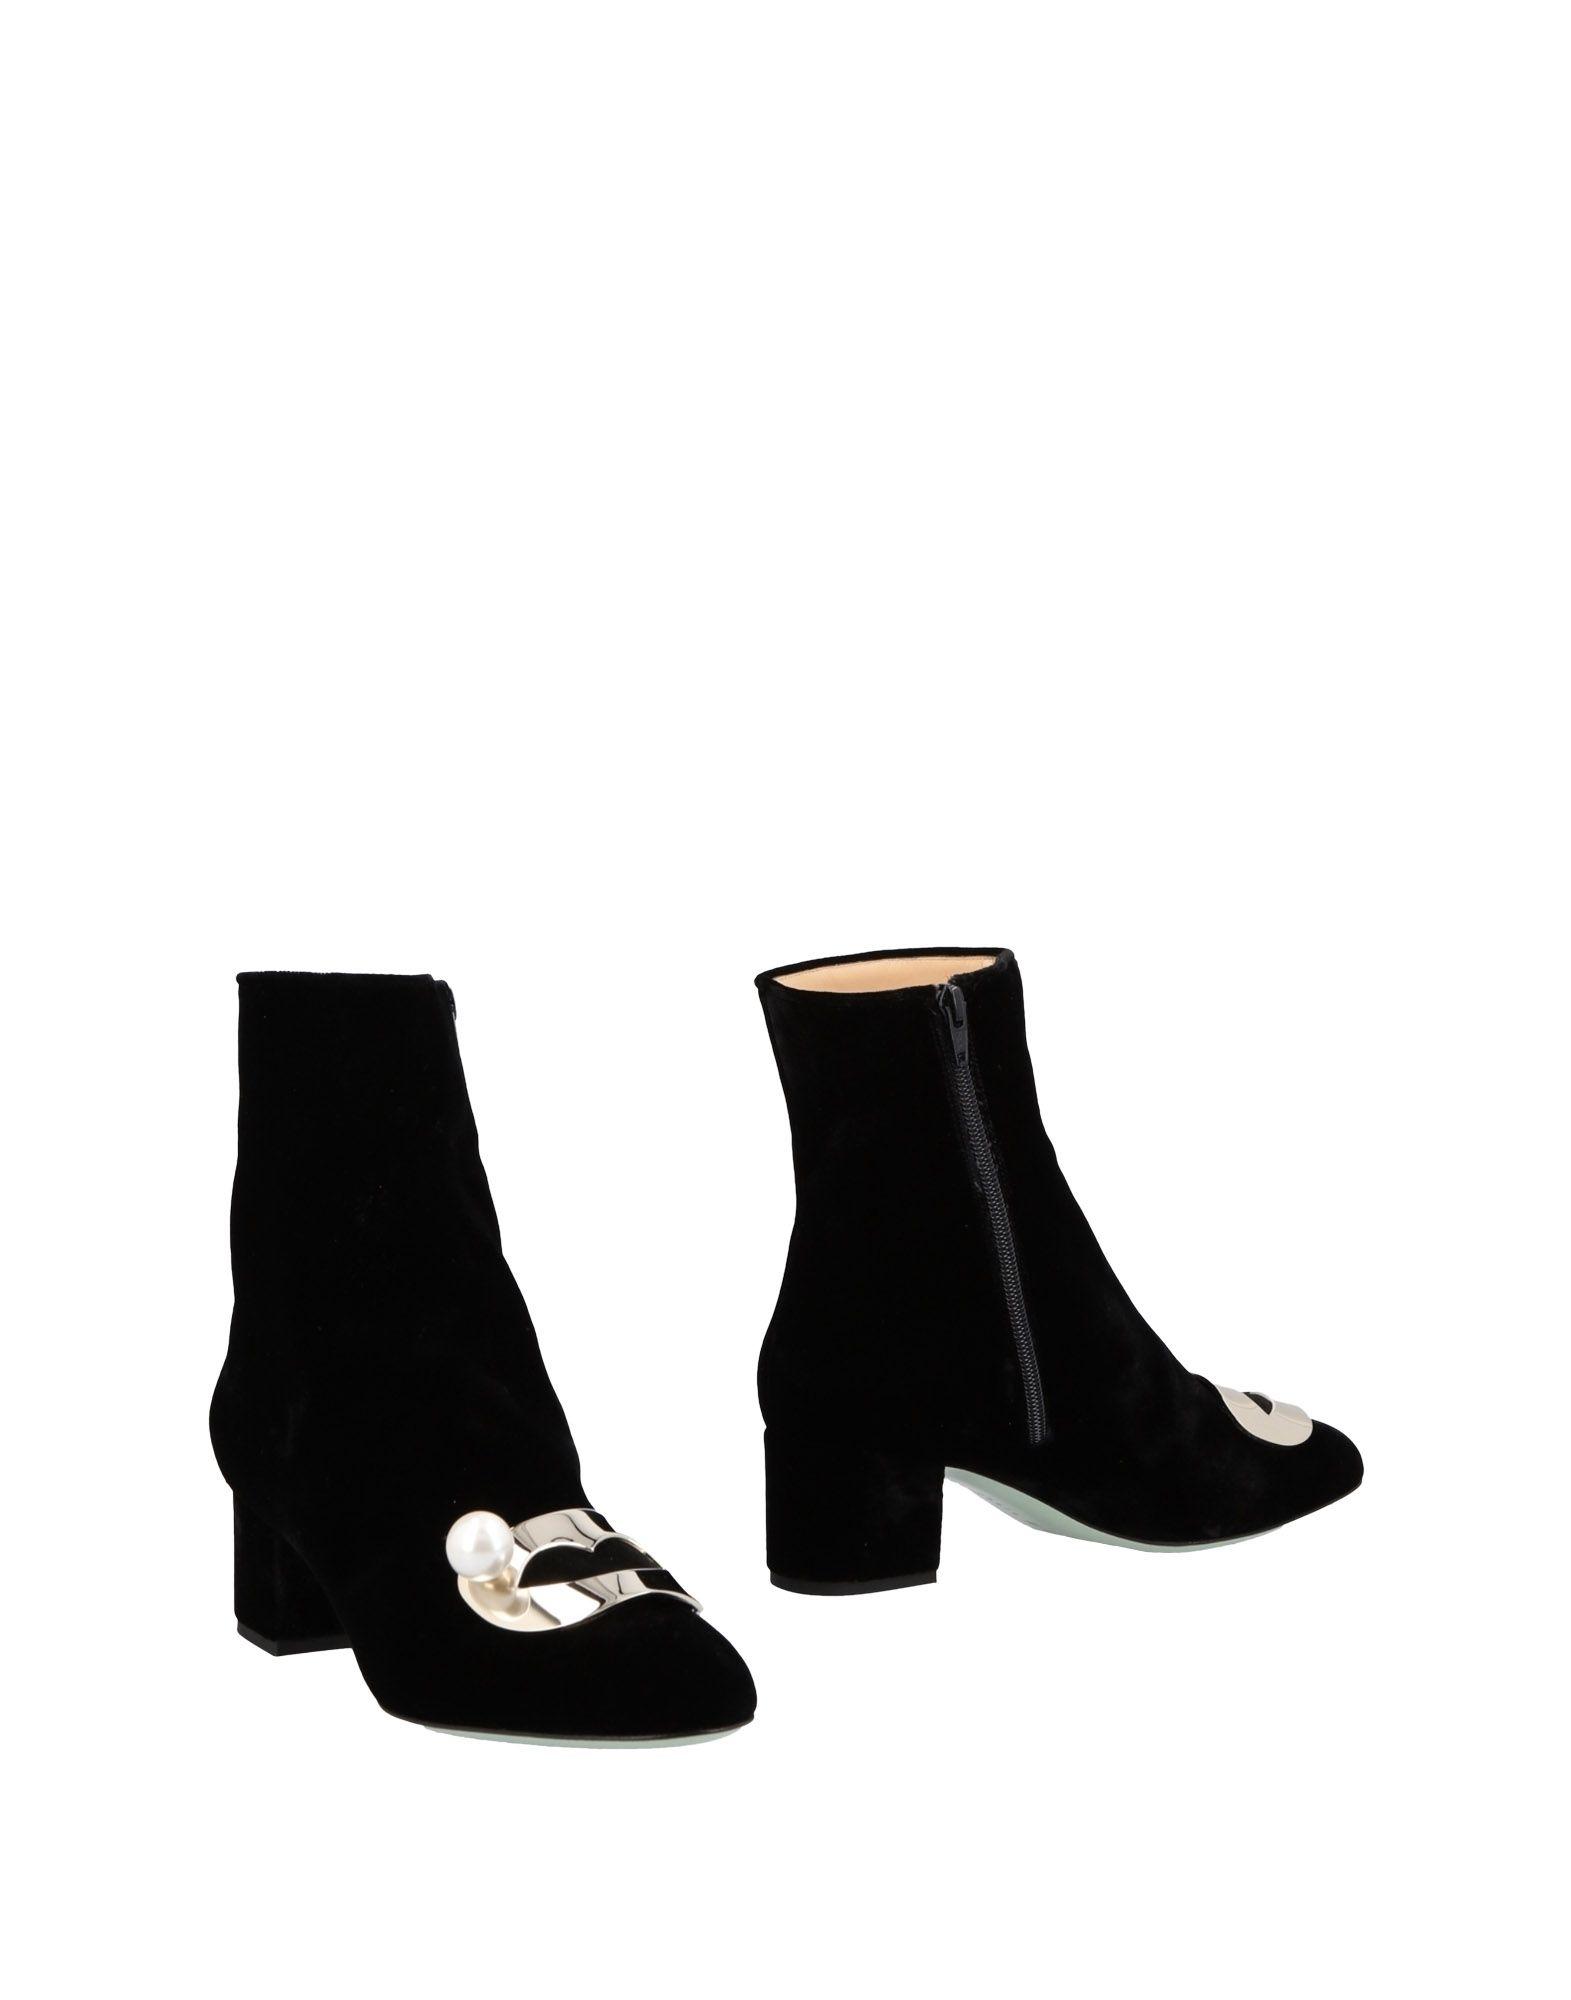 Giannico Stiefelette Damen  11487226TNGut aussehende strapazierfähige Schuhe